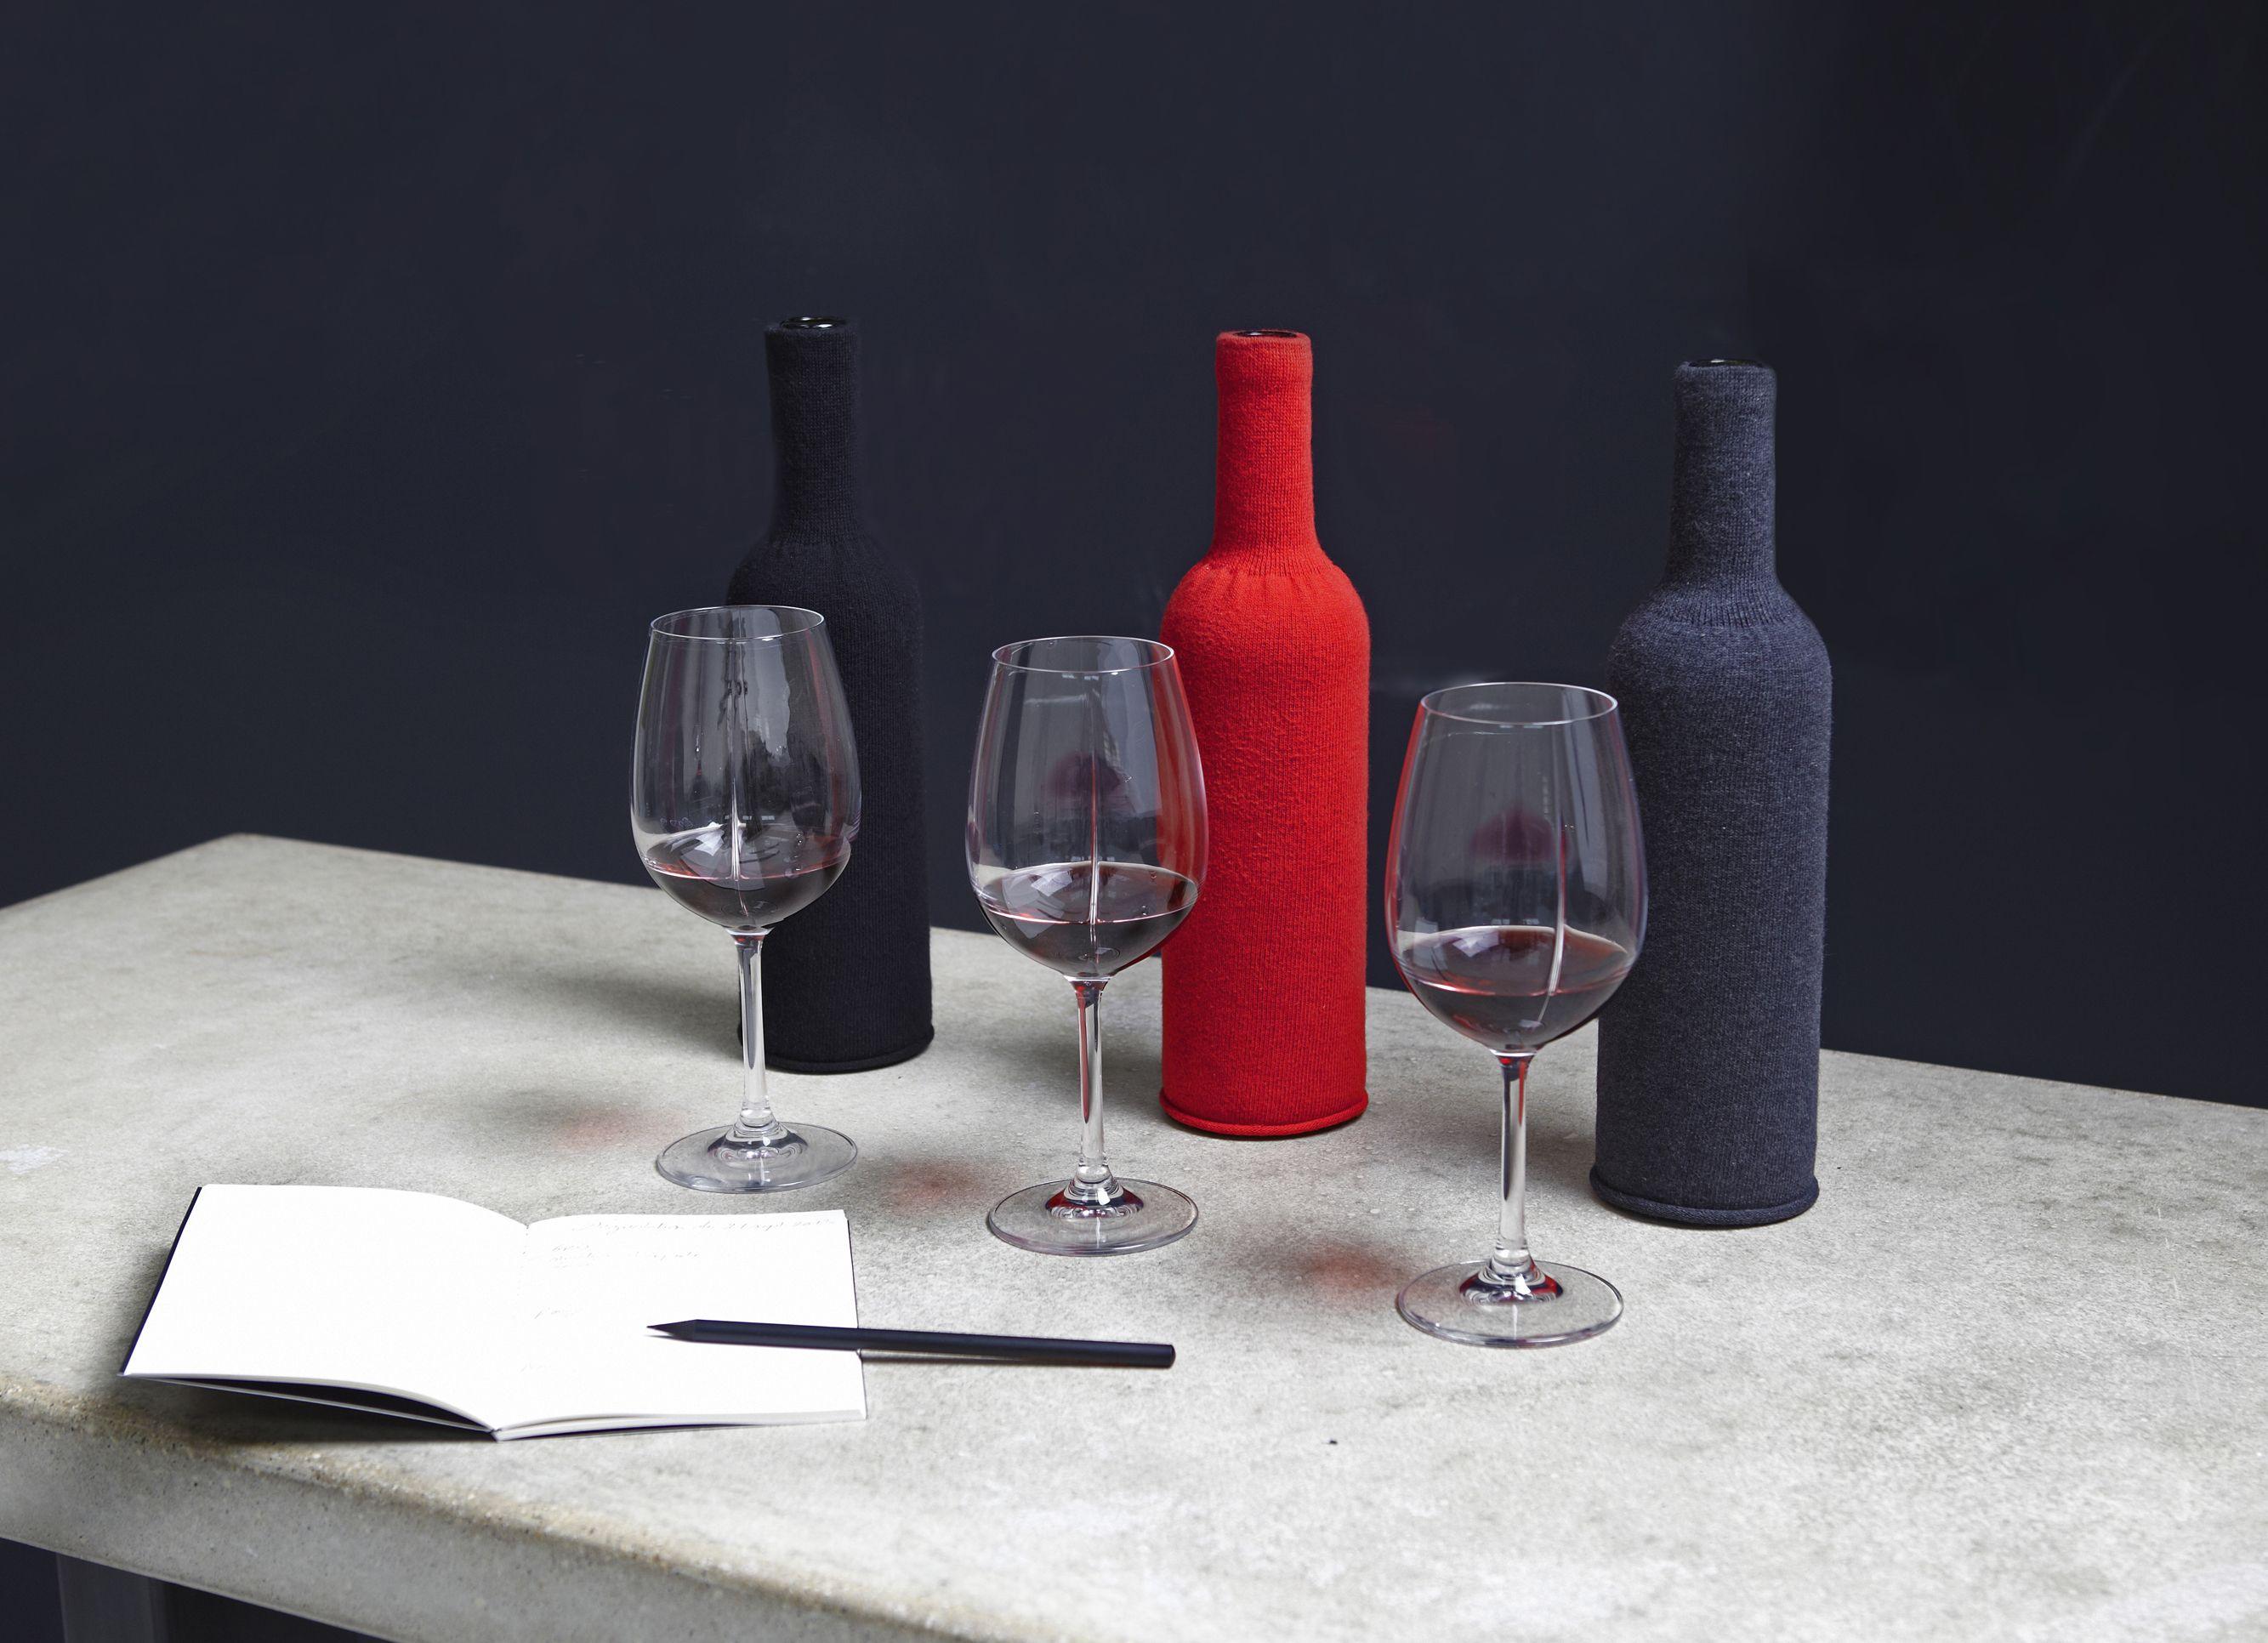 Set De Degustation Professionnelle L Opacite L Elasticite Des Trois Cache Bouteilles Sont Garanties Par Leur Blind Wine Tasting Wine Tasting Wine Education